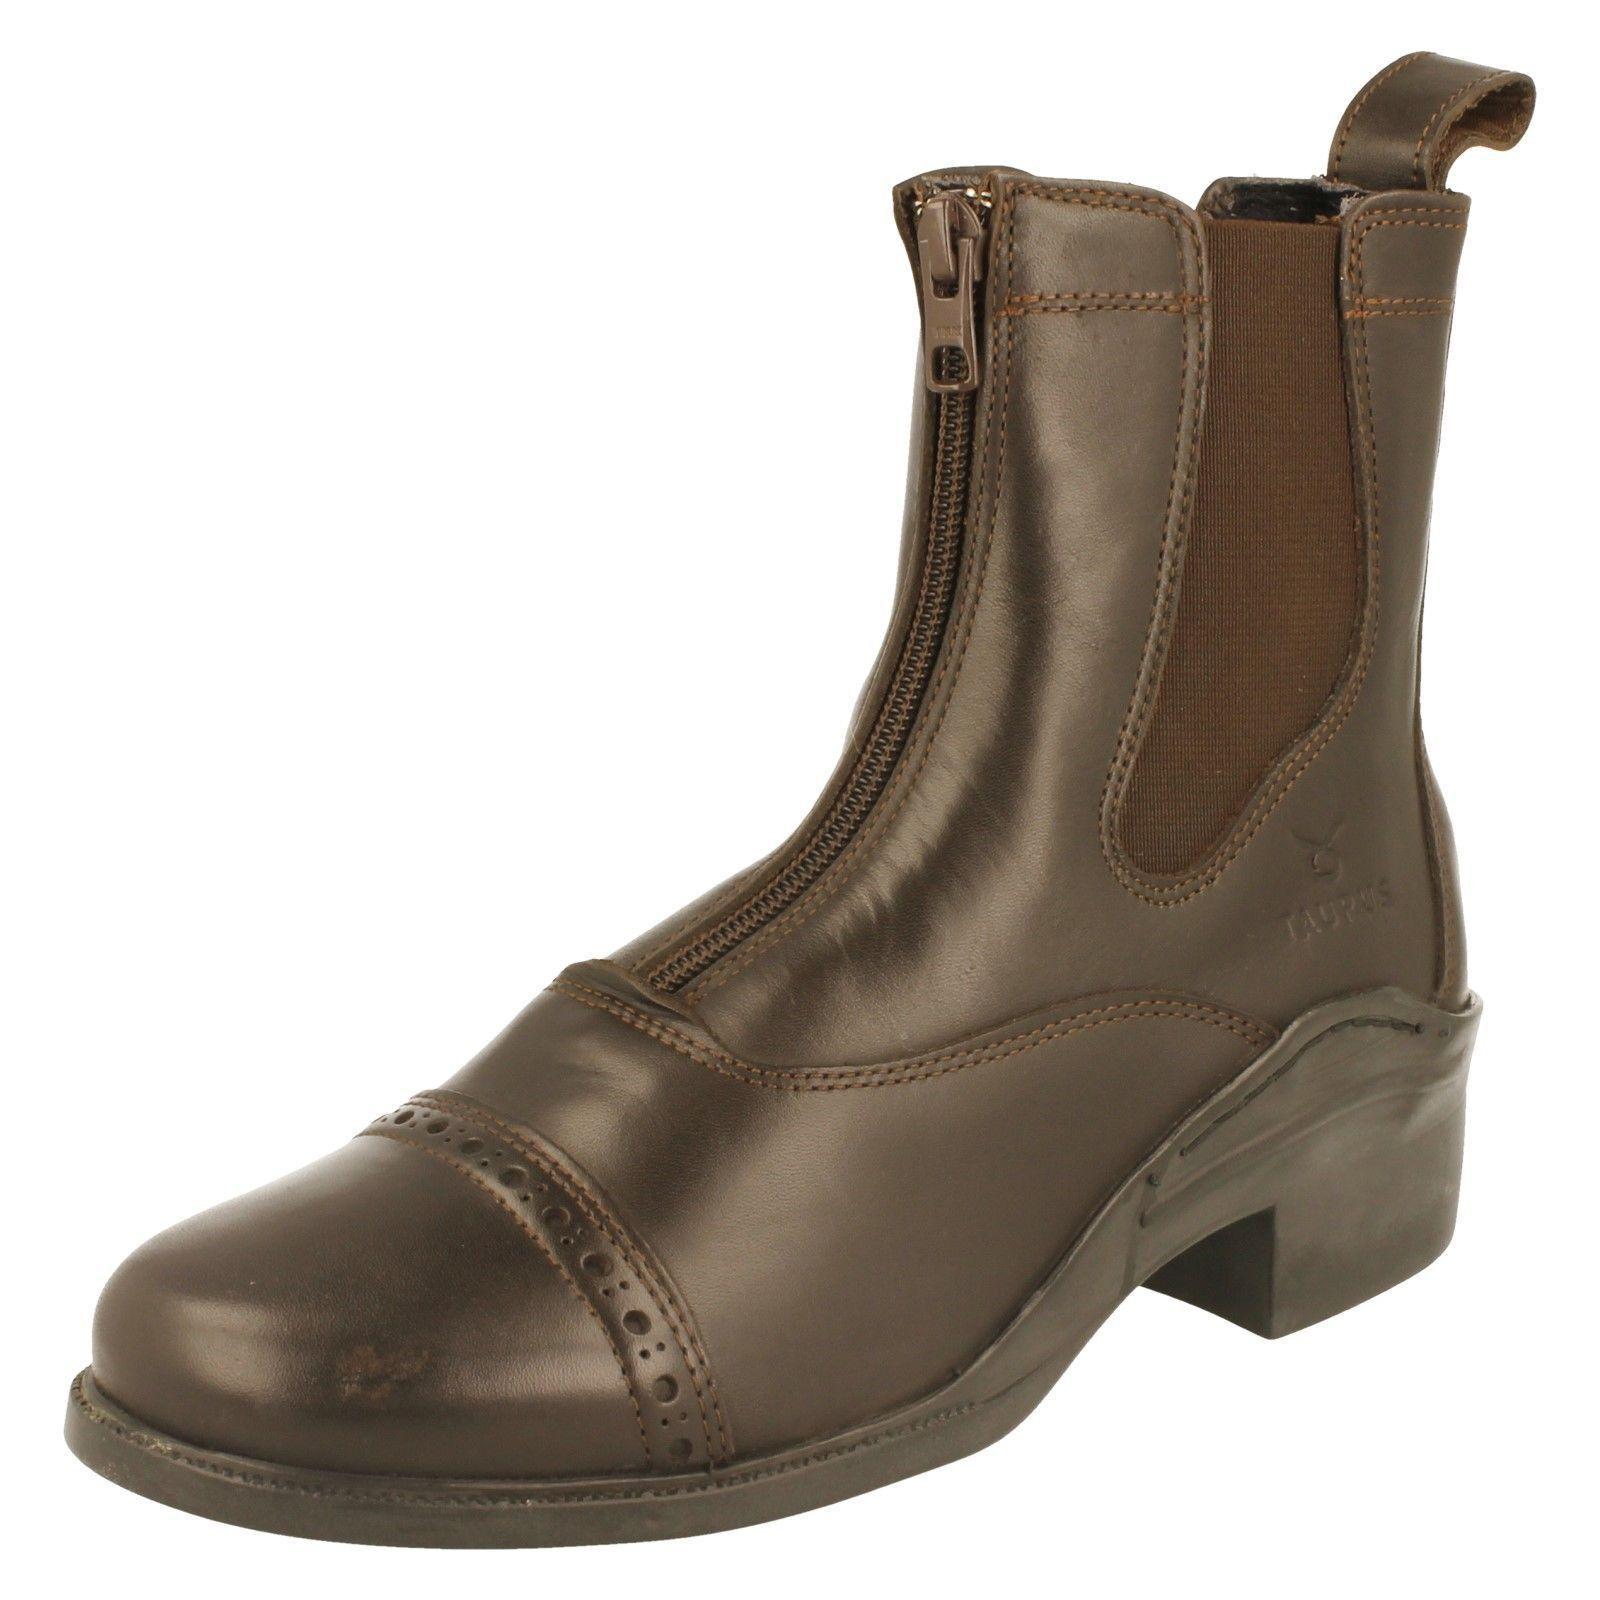 Señoras Taurus botas Jodphur-Norton UK 7 1 2 (UE (UE (UE 41) Marrón  Venta en línea de descuento de fábrica